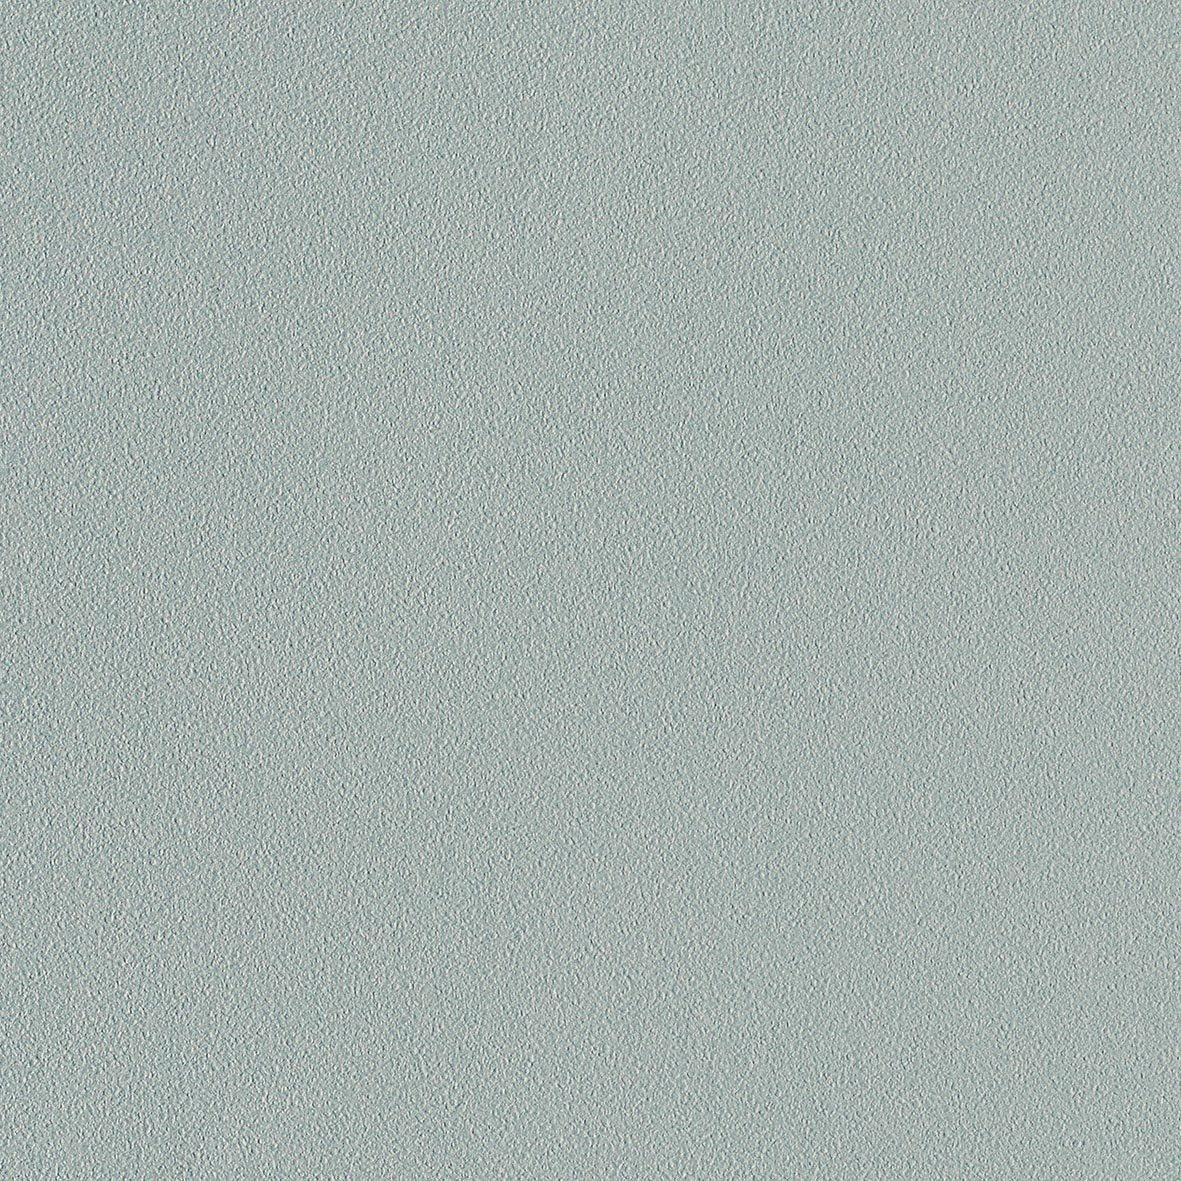 リリカラ 壁紙34m シンフル 石目調 グリーン スーパー強化+汚れ防止 LW-2316 B07611C5YF 34m|グリーン3